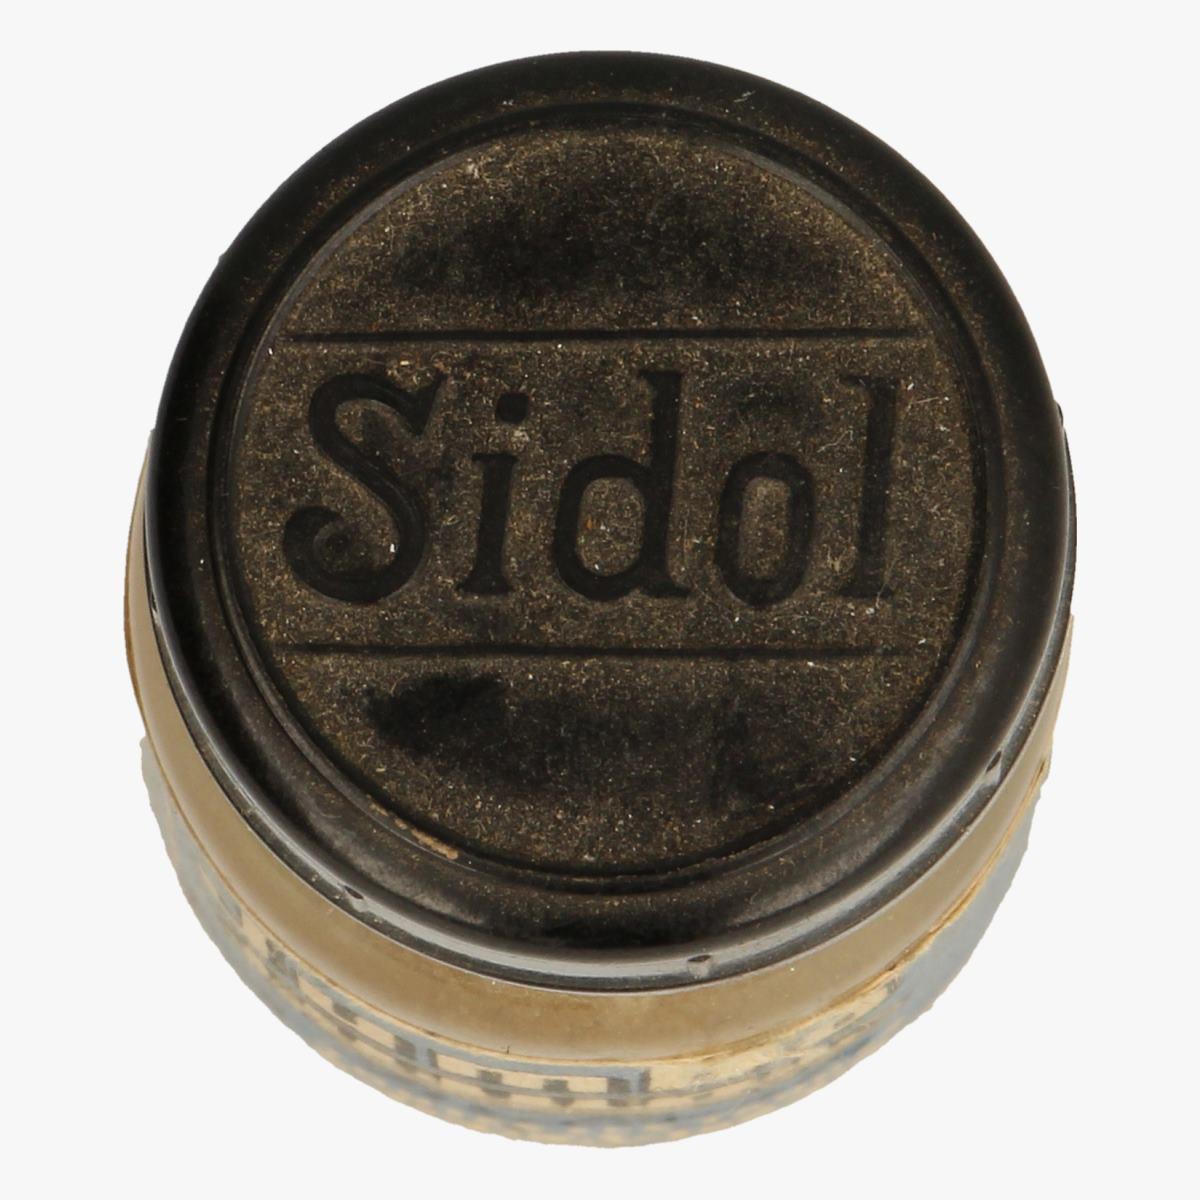 Afbeeldingen van sidol jumbo poetsmiddel voor alle platen